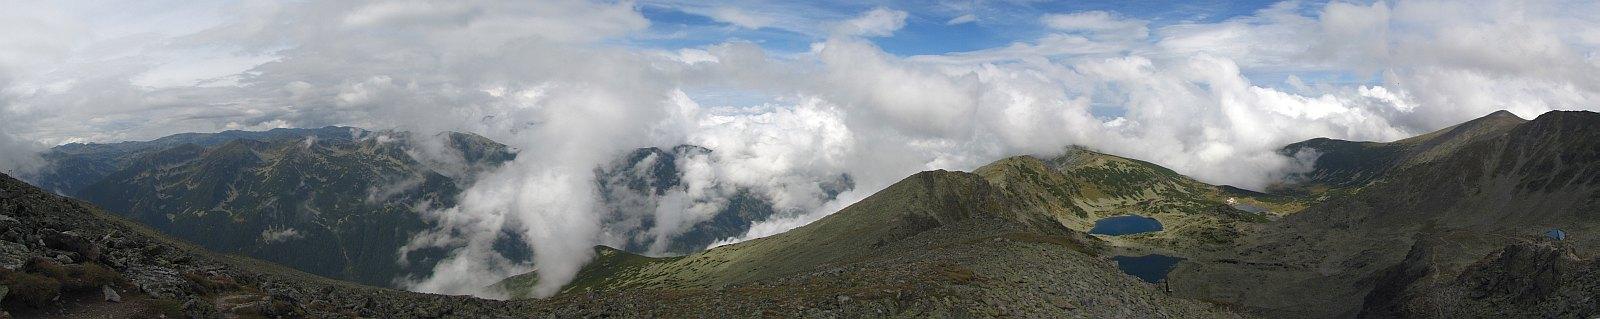 Panorama z partii szczytowych Musały na zachód i północ.